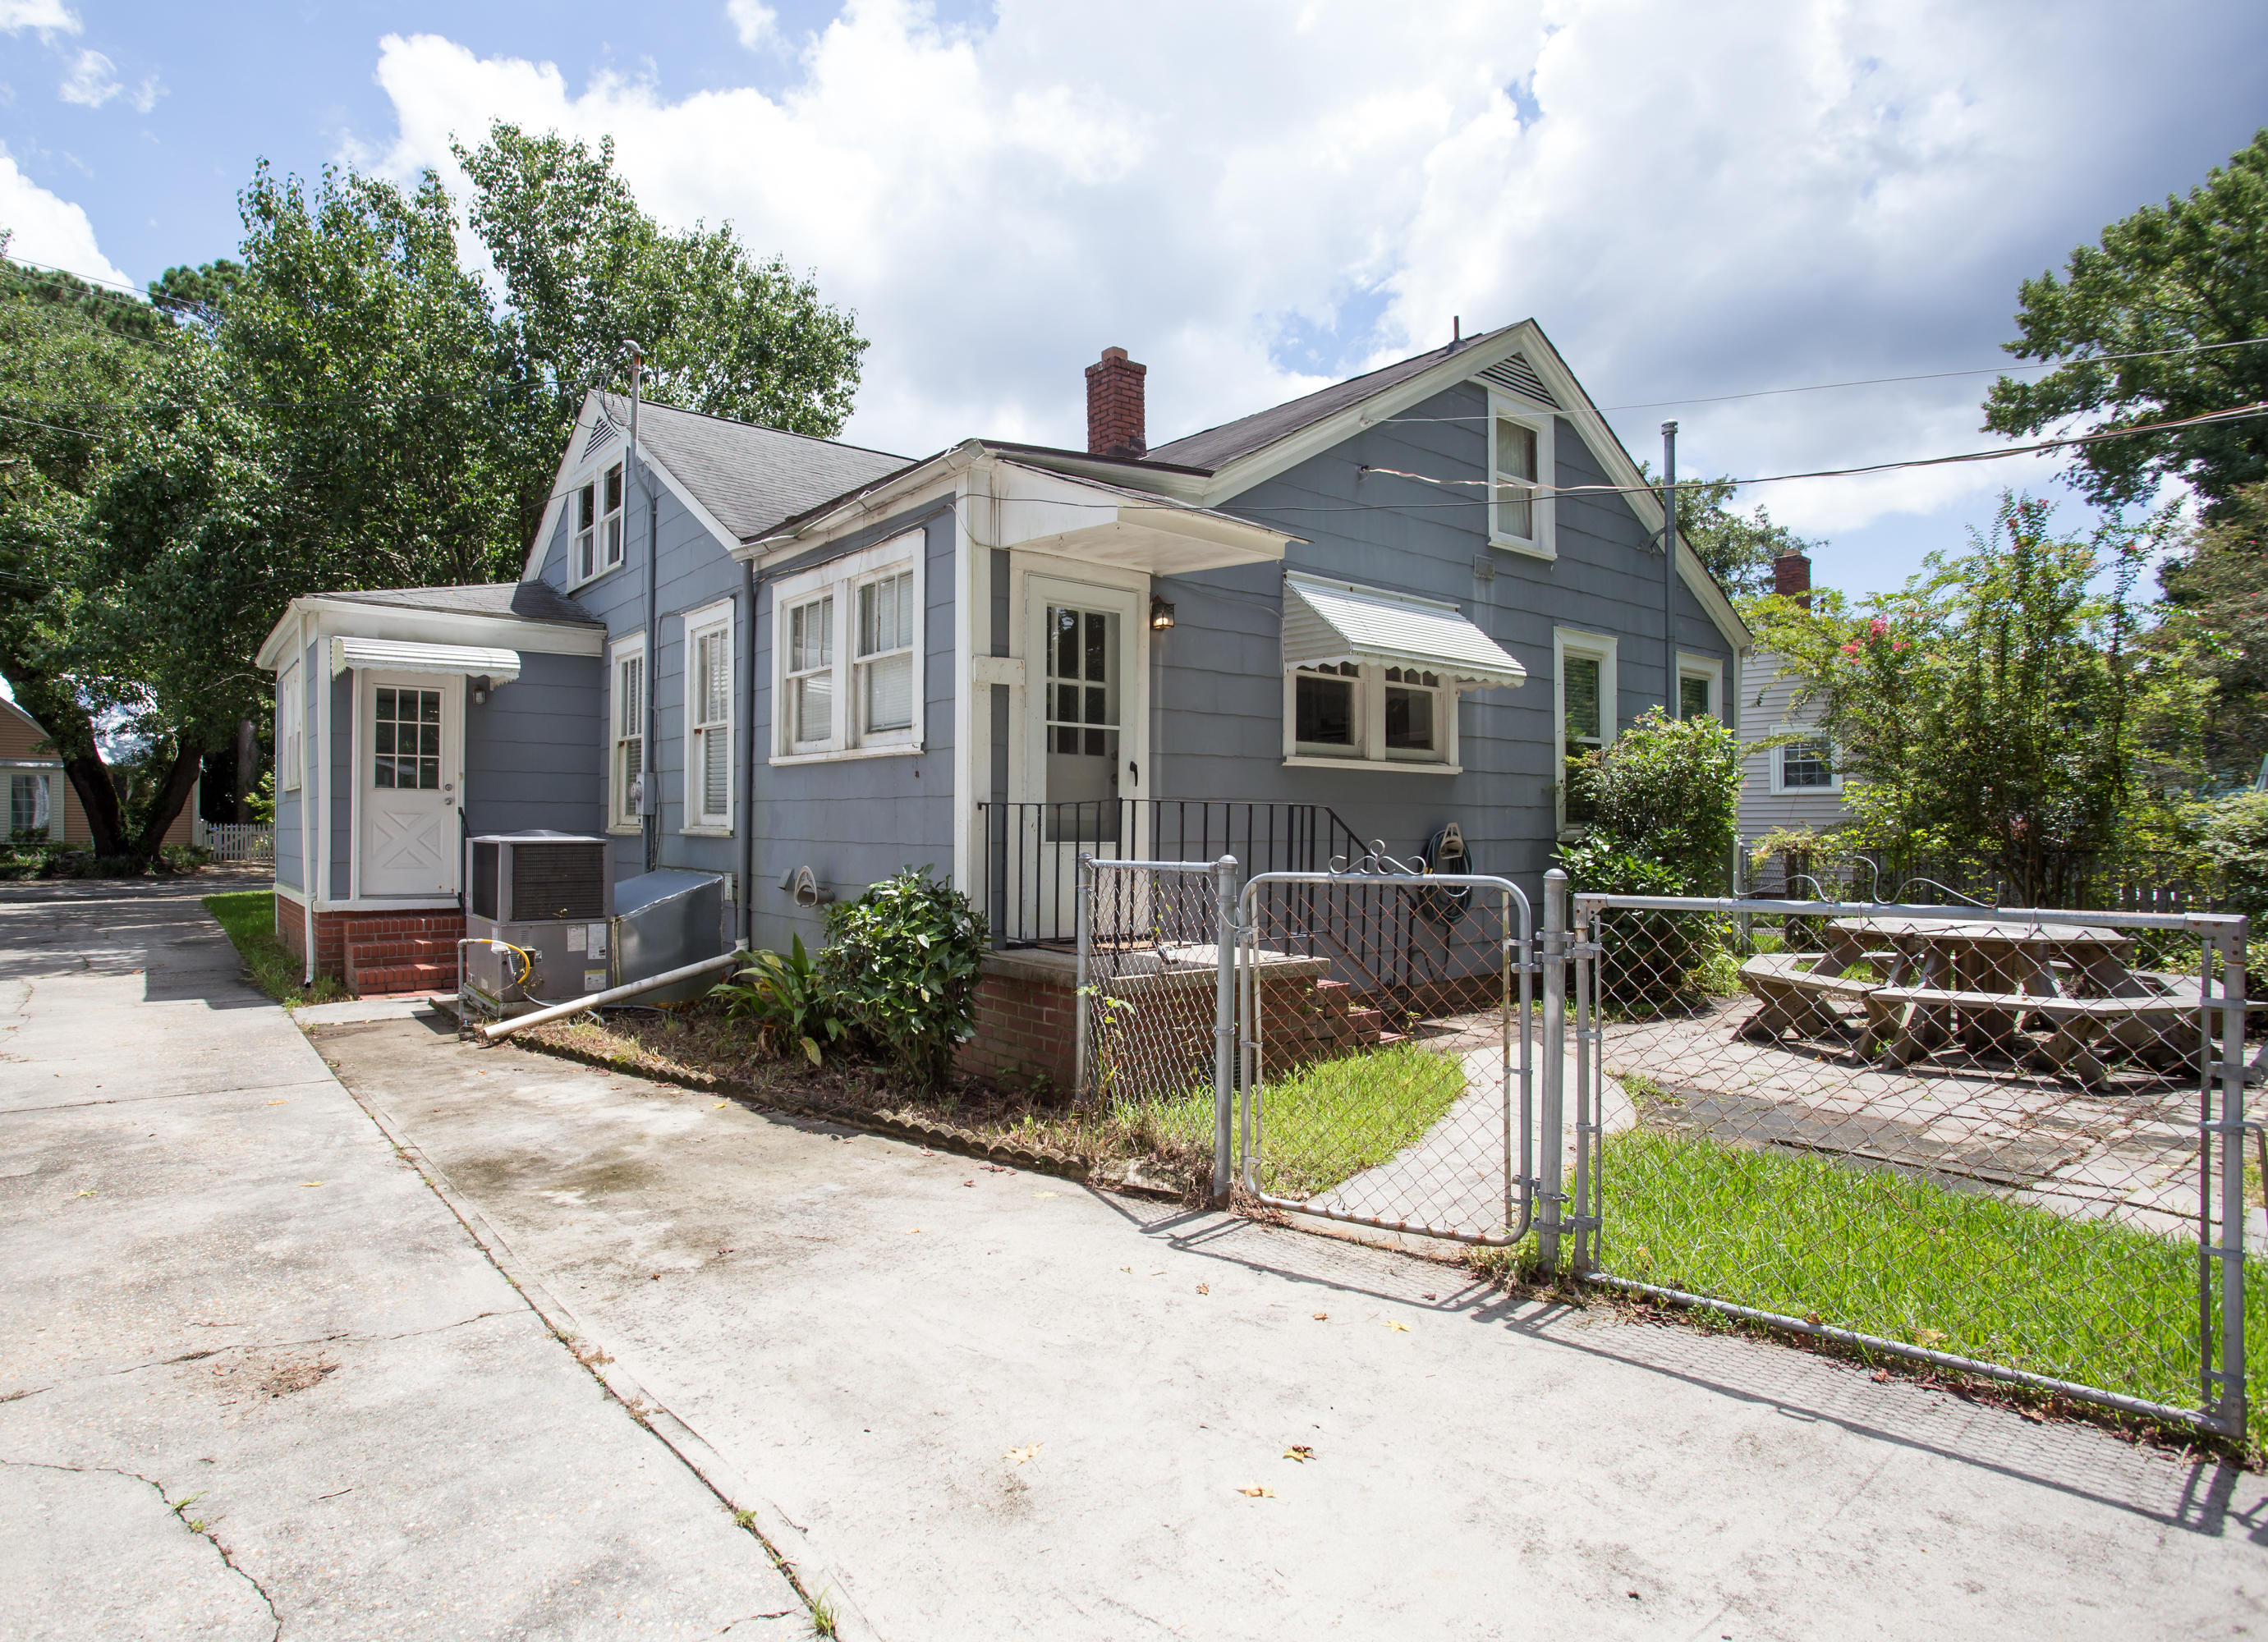 Avondale Homes For Sale - 55 Avondale, Charleston, SC - 8